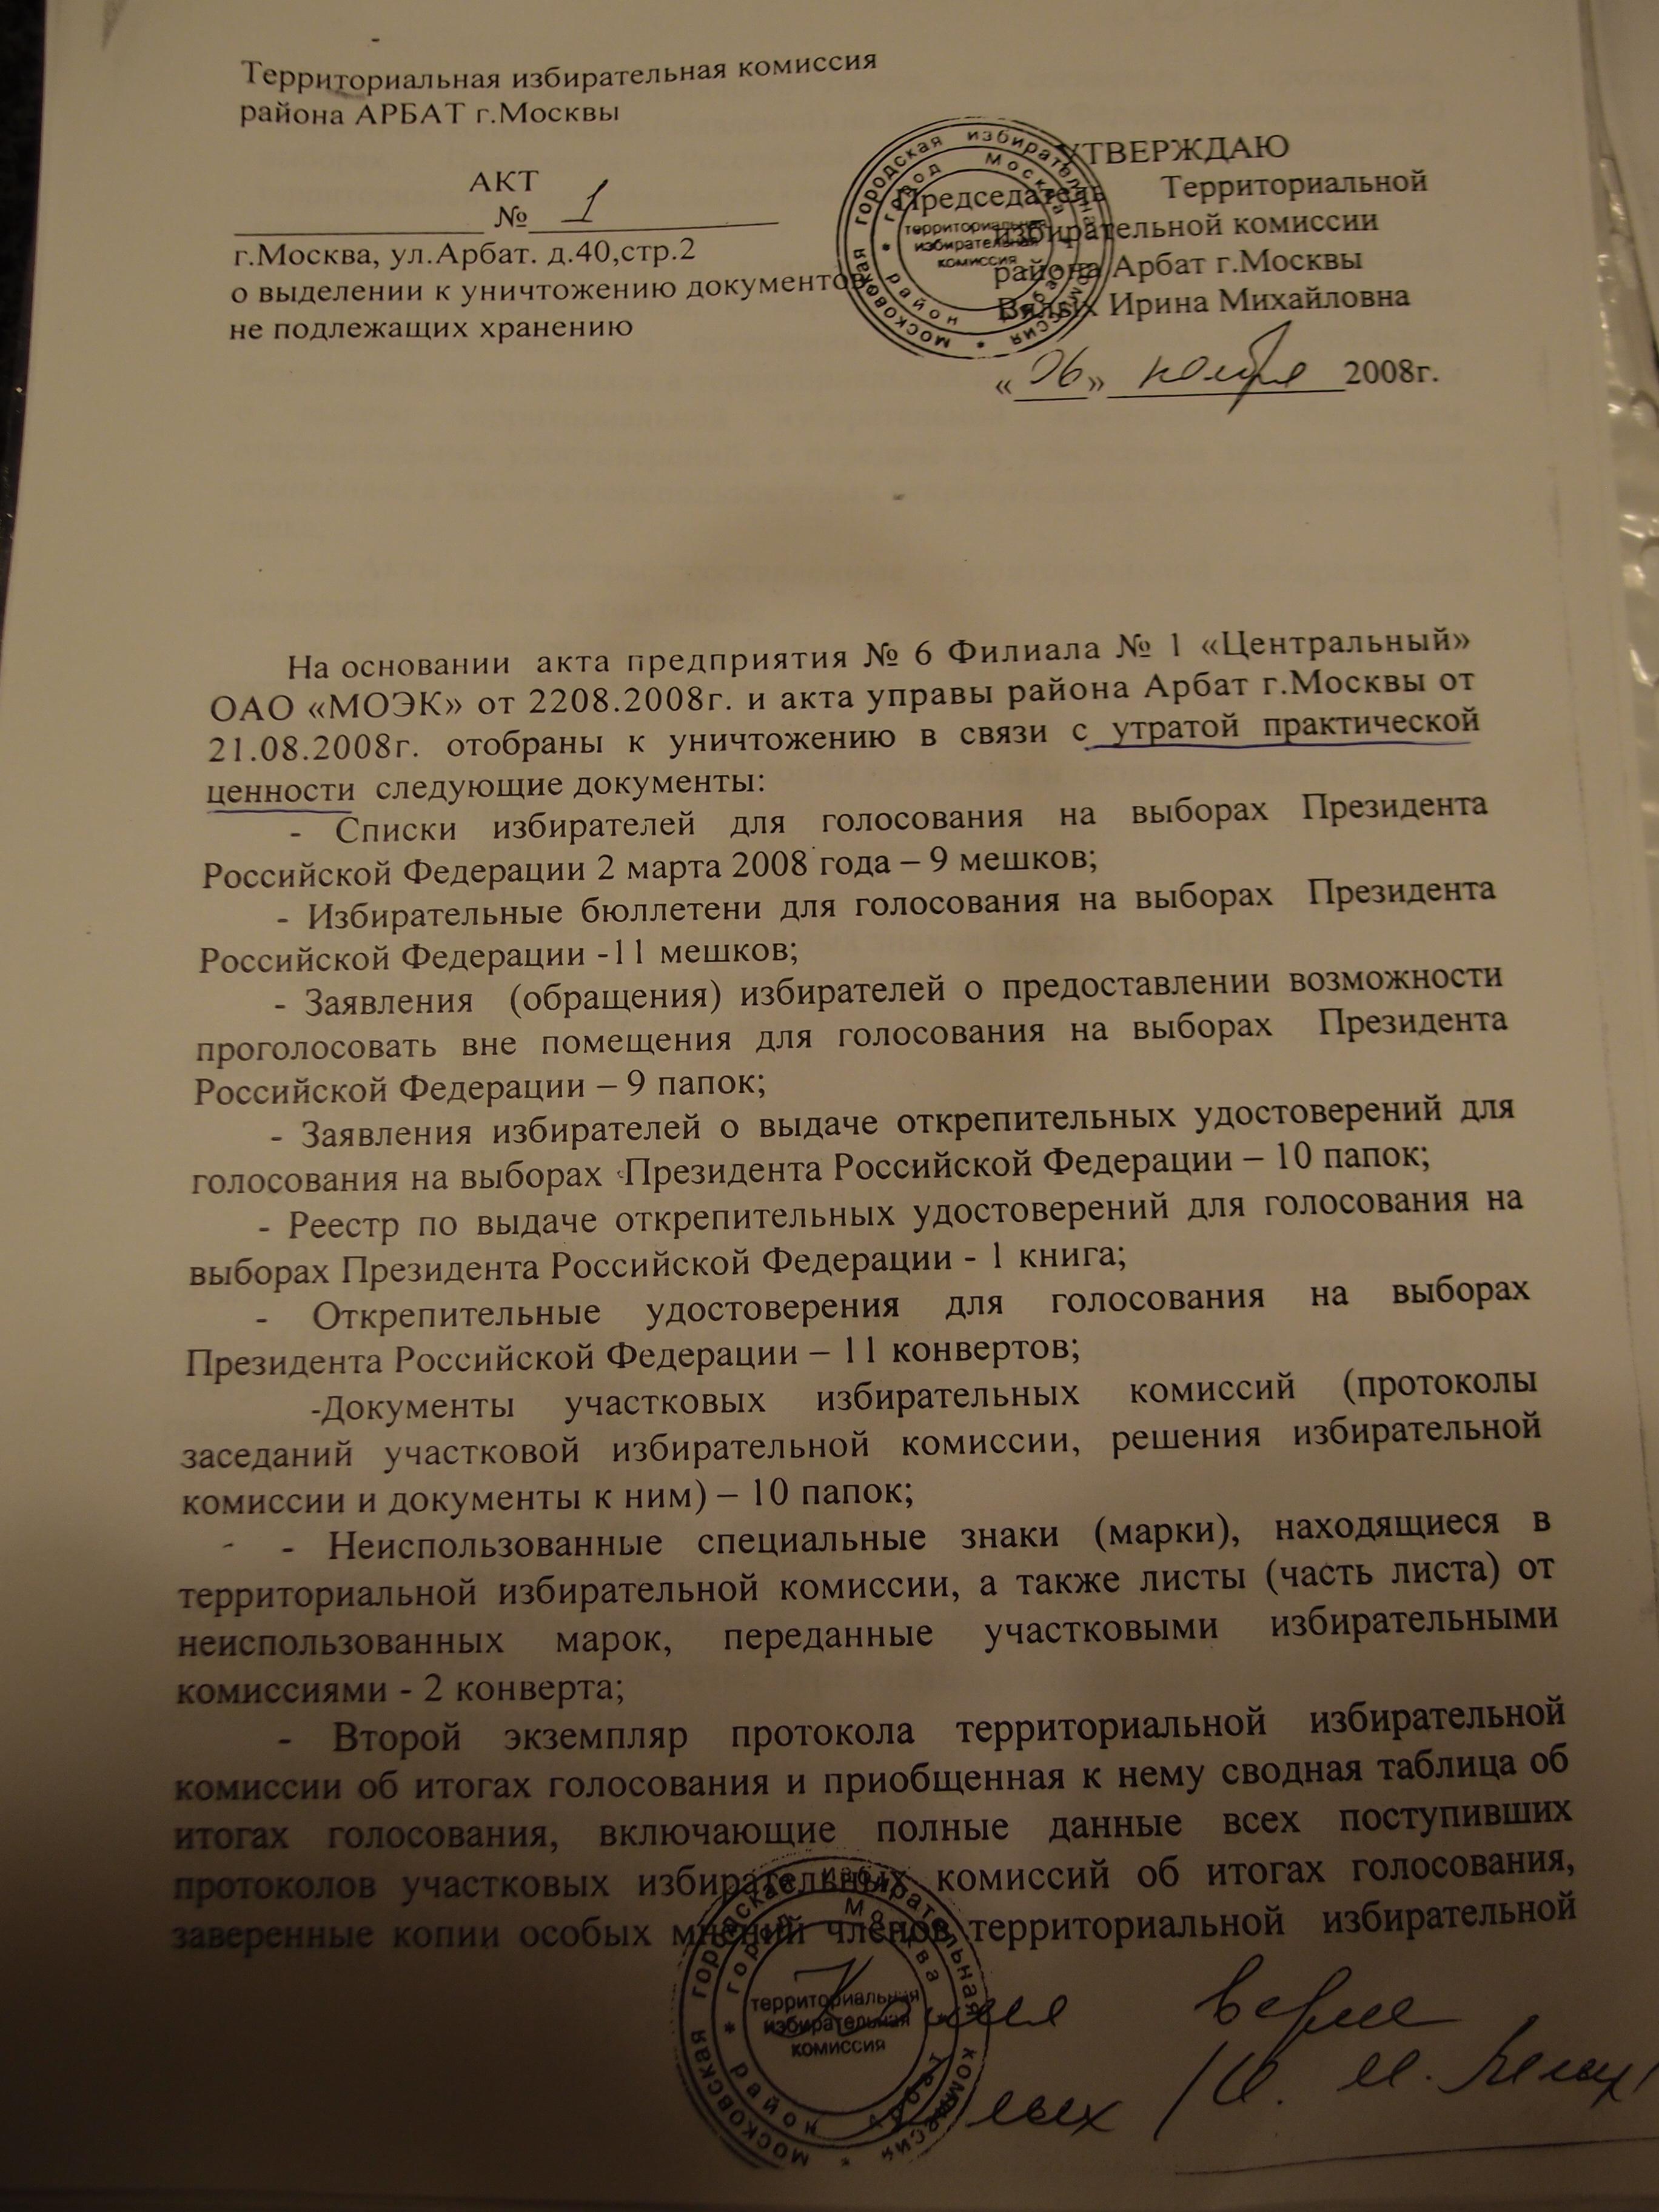 Уничтожение вещественных доказательств с прошедших выборов Президента России